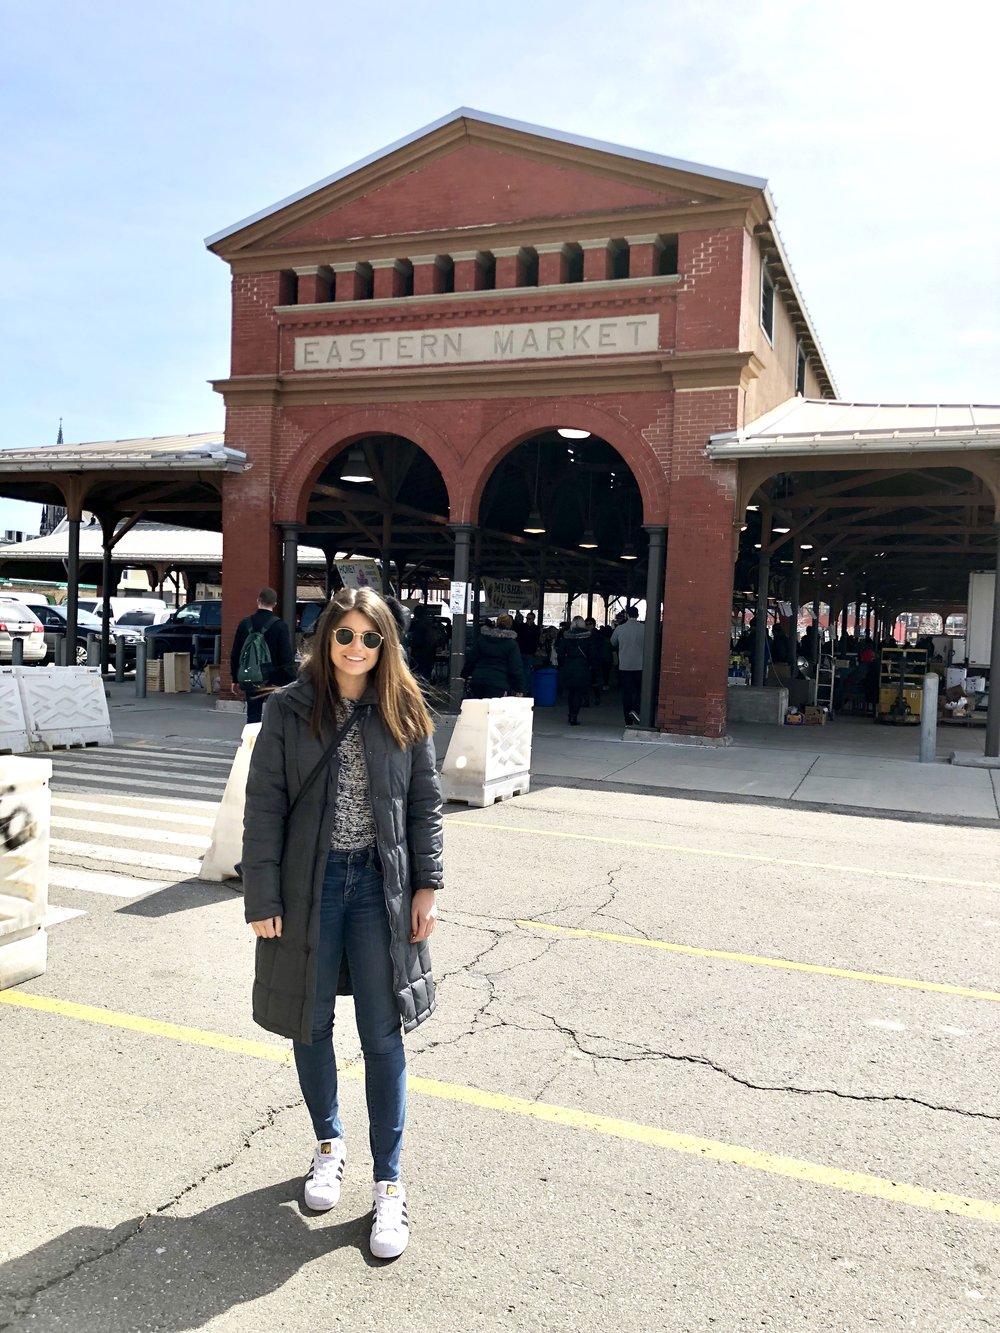 Eastern market 2.jpg